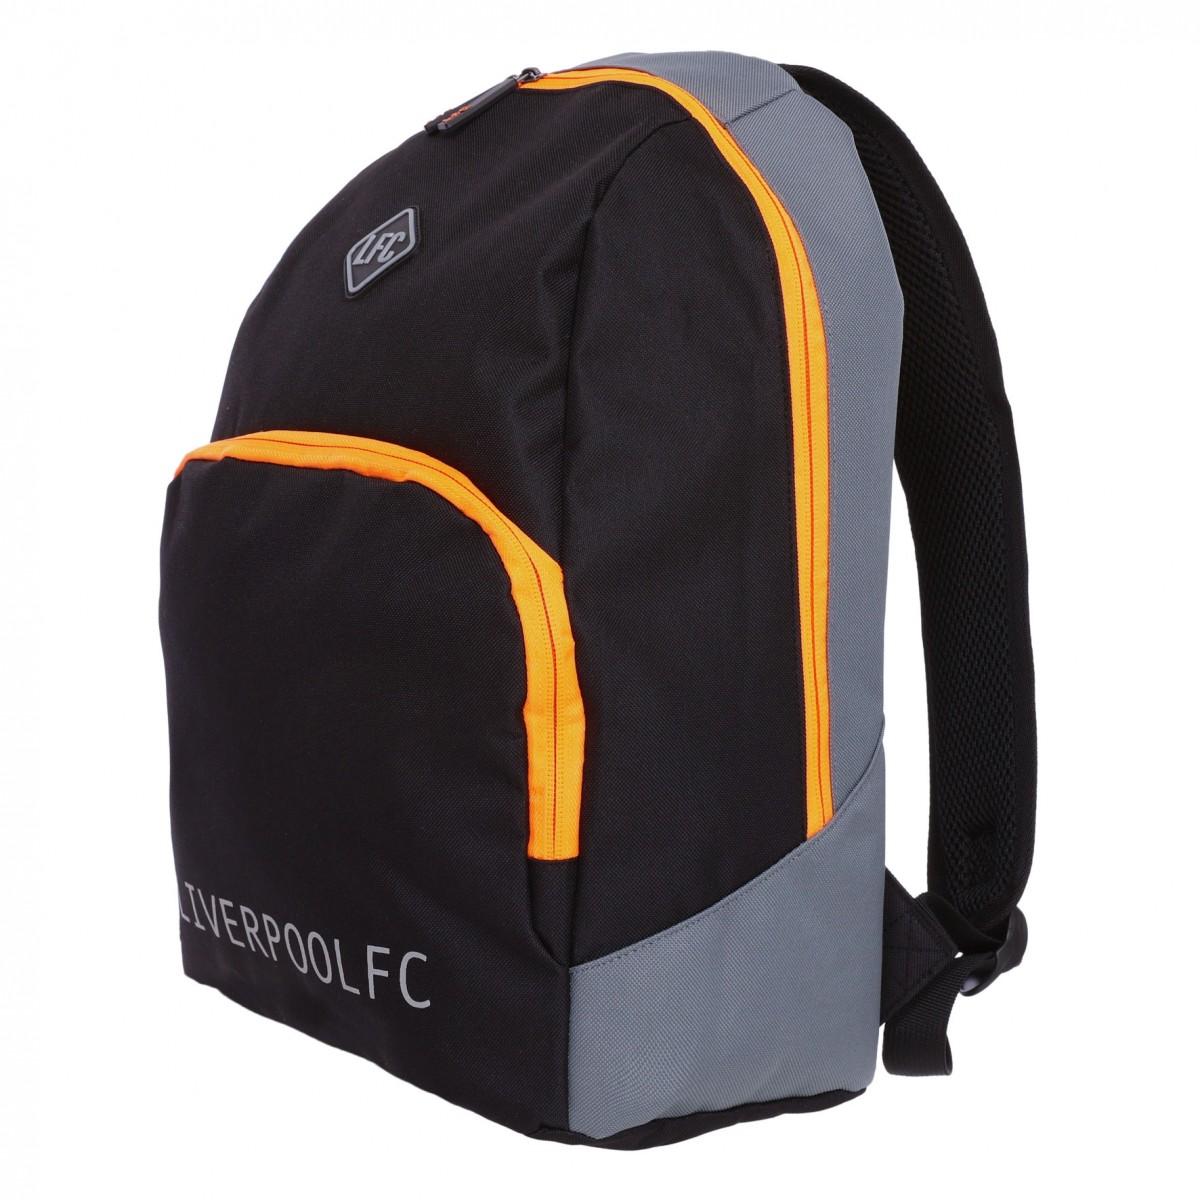 กระเป๋าเป้ลิเวอร์พูล Neon Backpack ของแท้